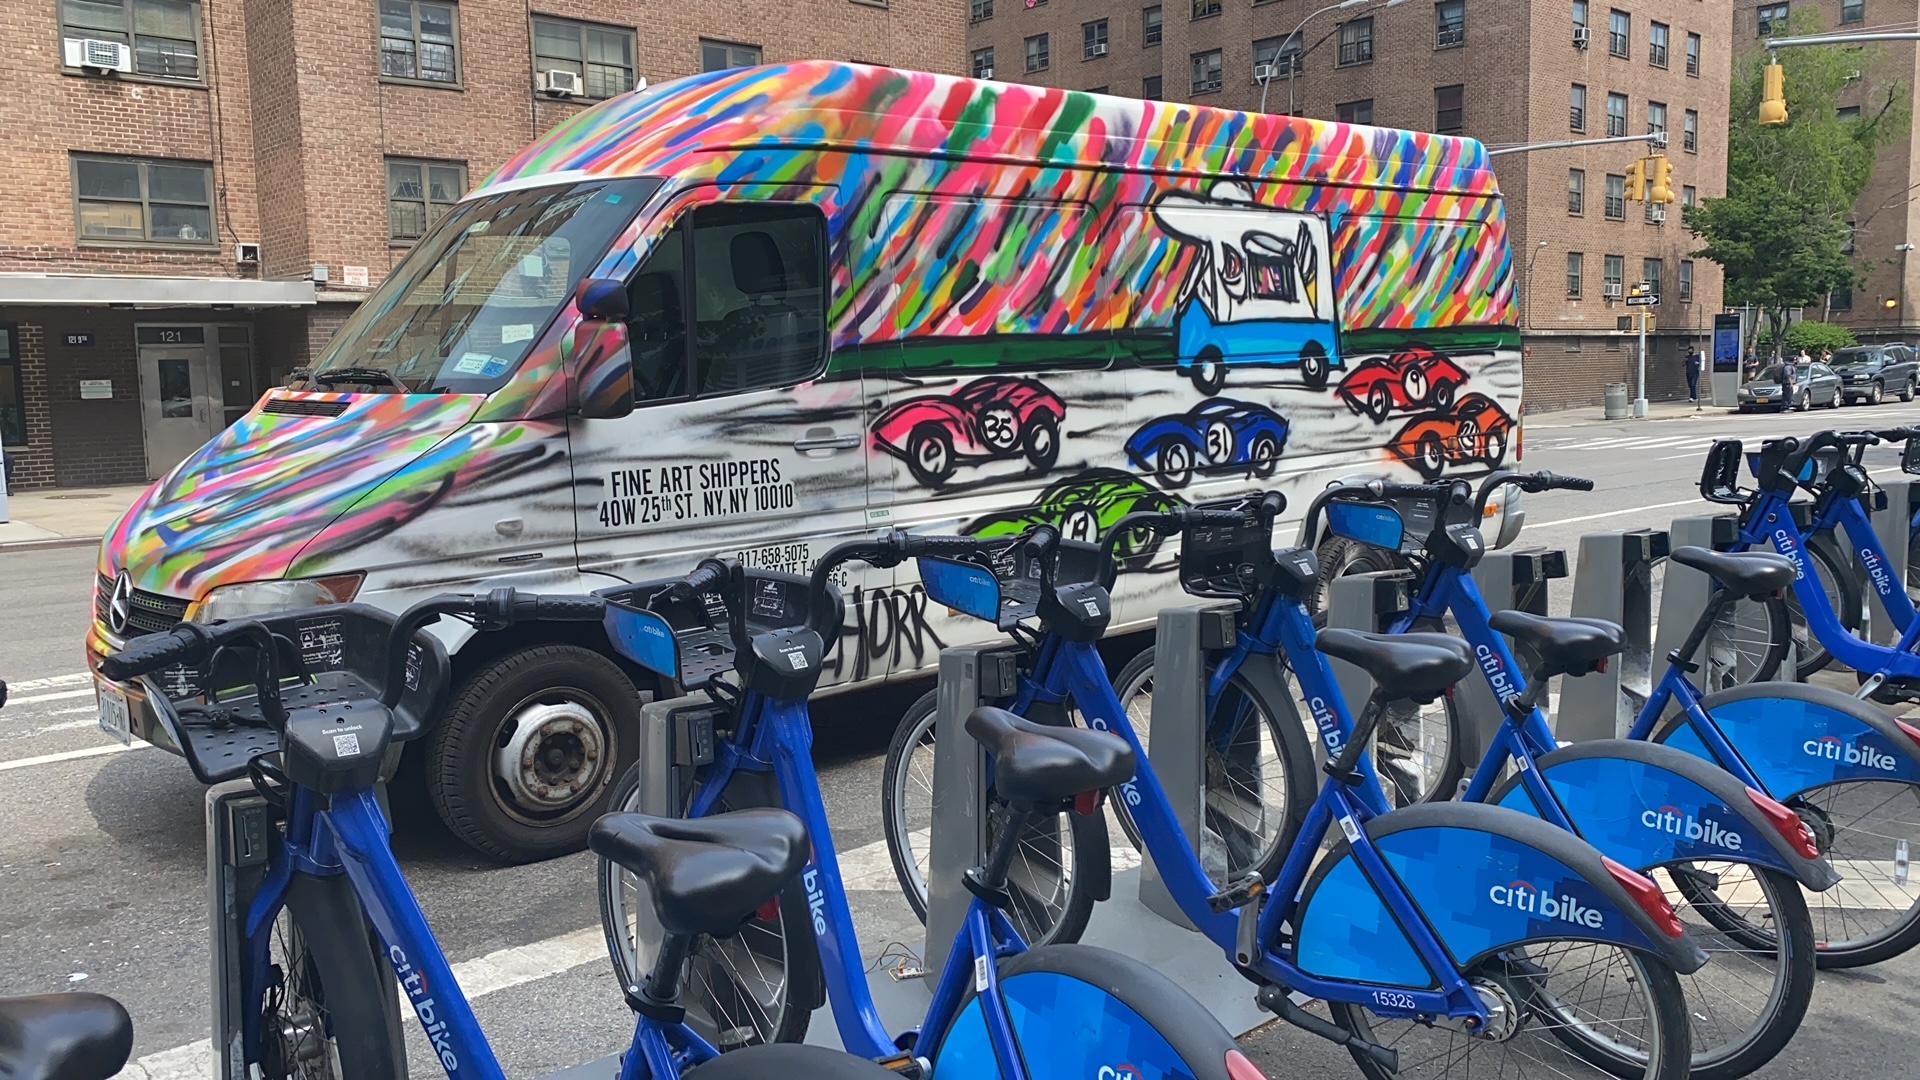 Da Race on Wheels: When Street Art Meets Fine Art Logistics